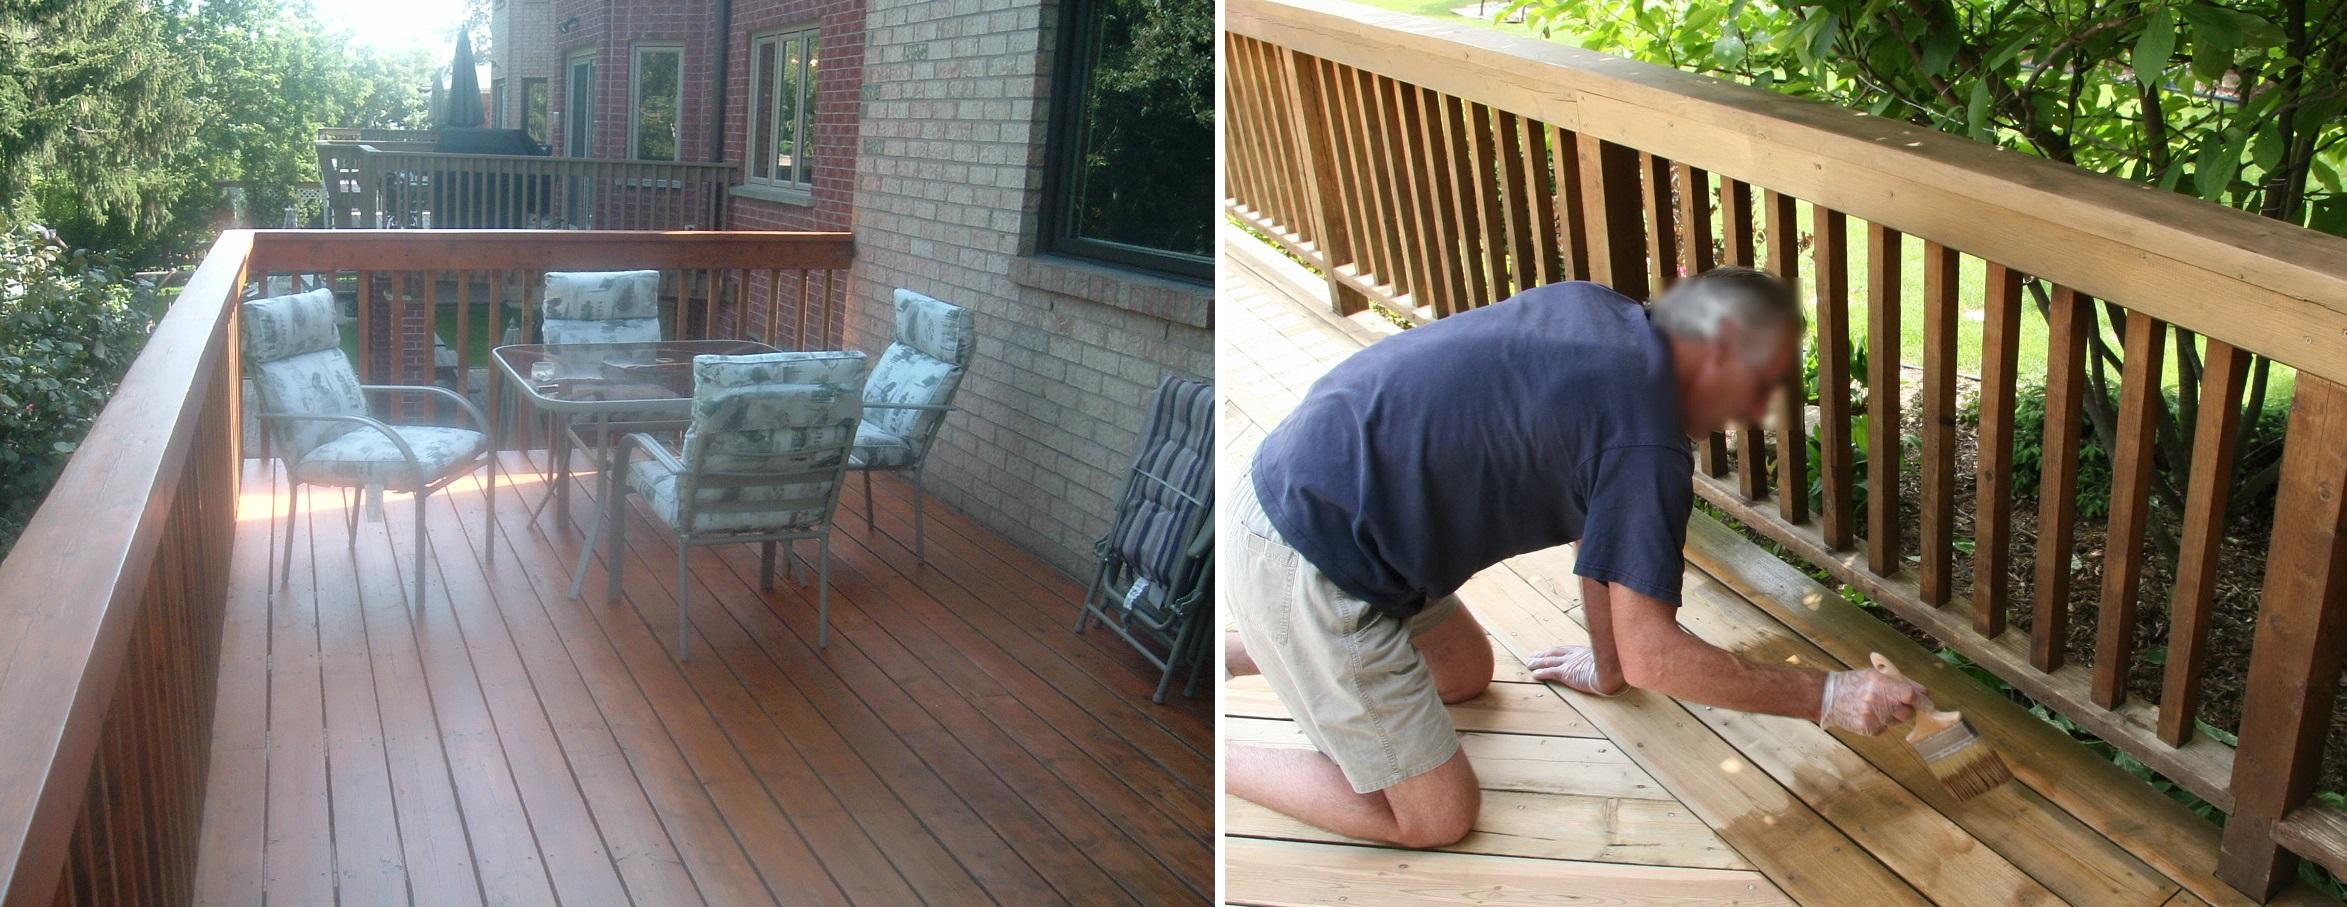 100 solids epoxy garage floor coating